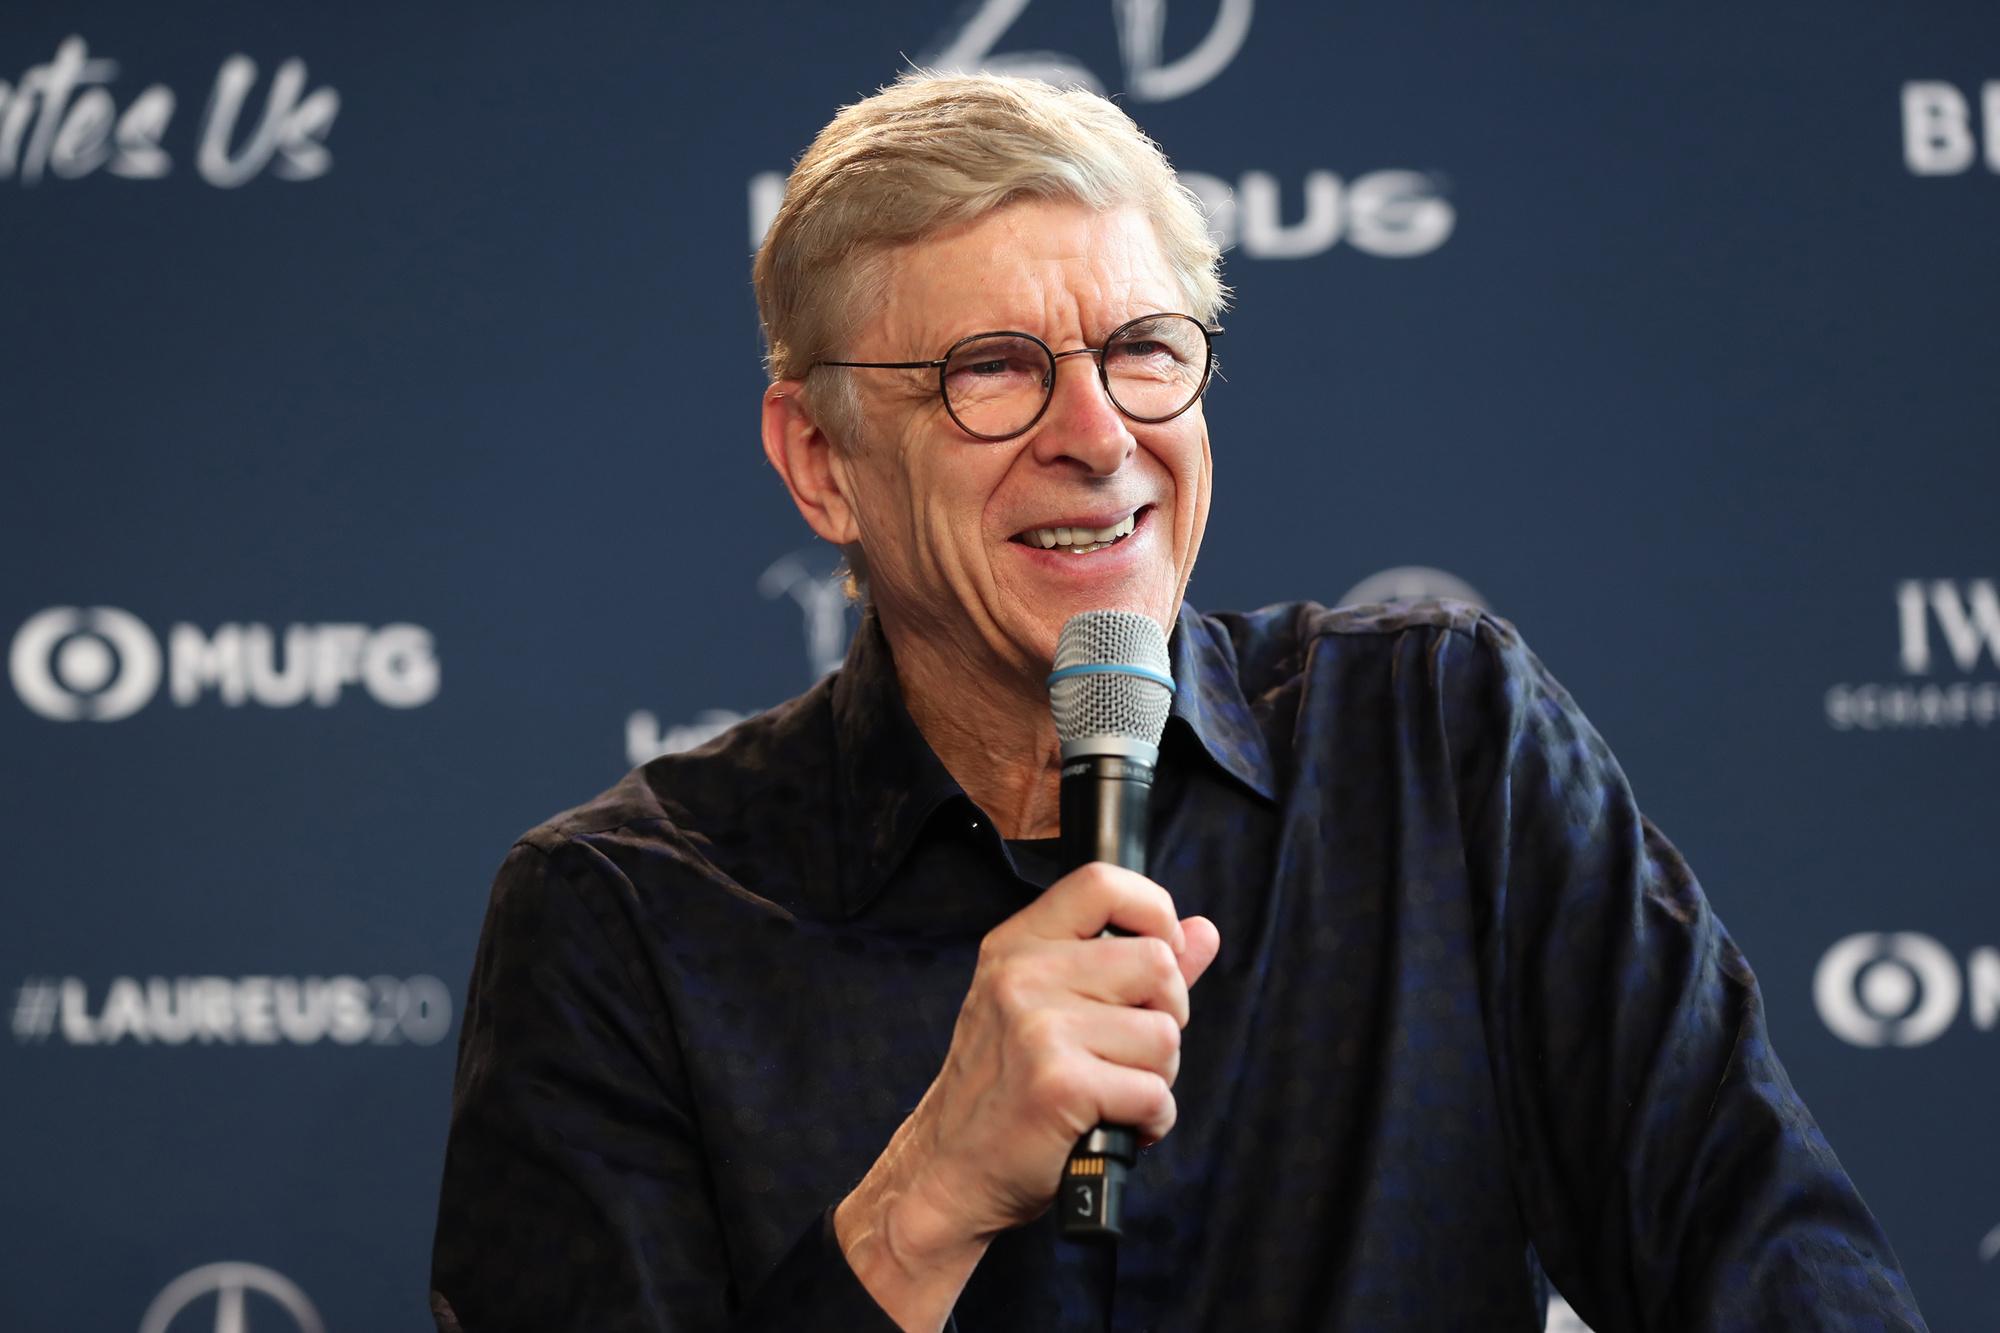 Arsène Wenger: 'De volgende stap in het voetbal zal zijn: de snelheid van de hersenen verbeteren.' , GETTY